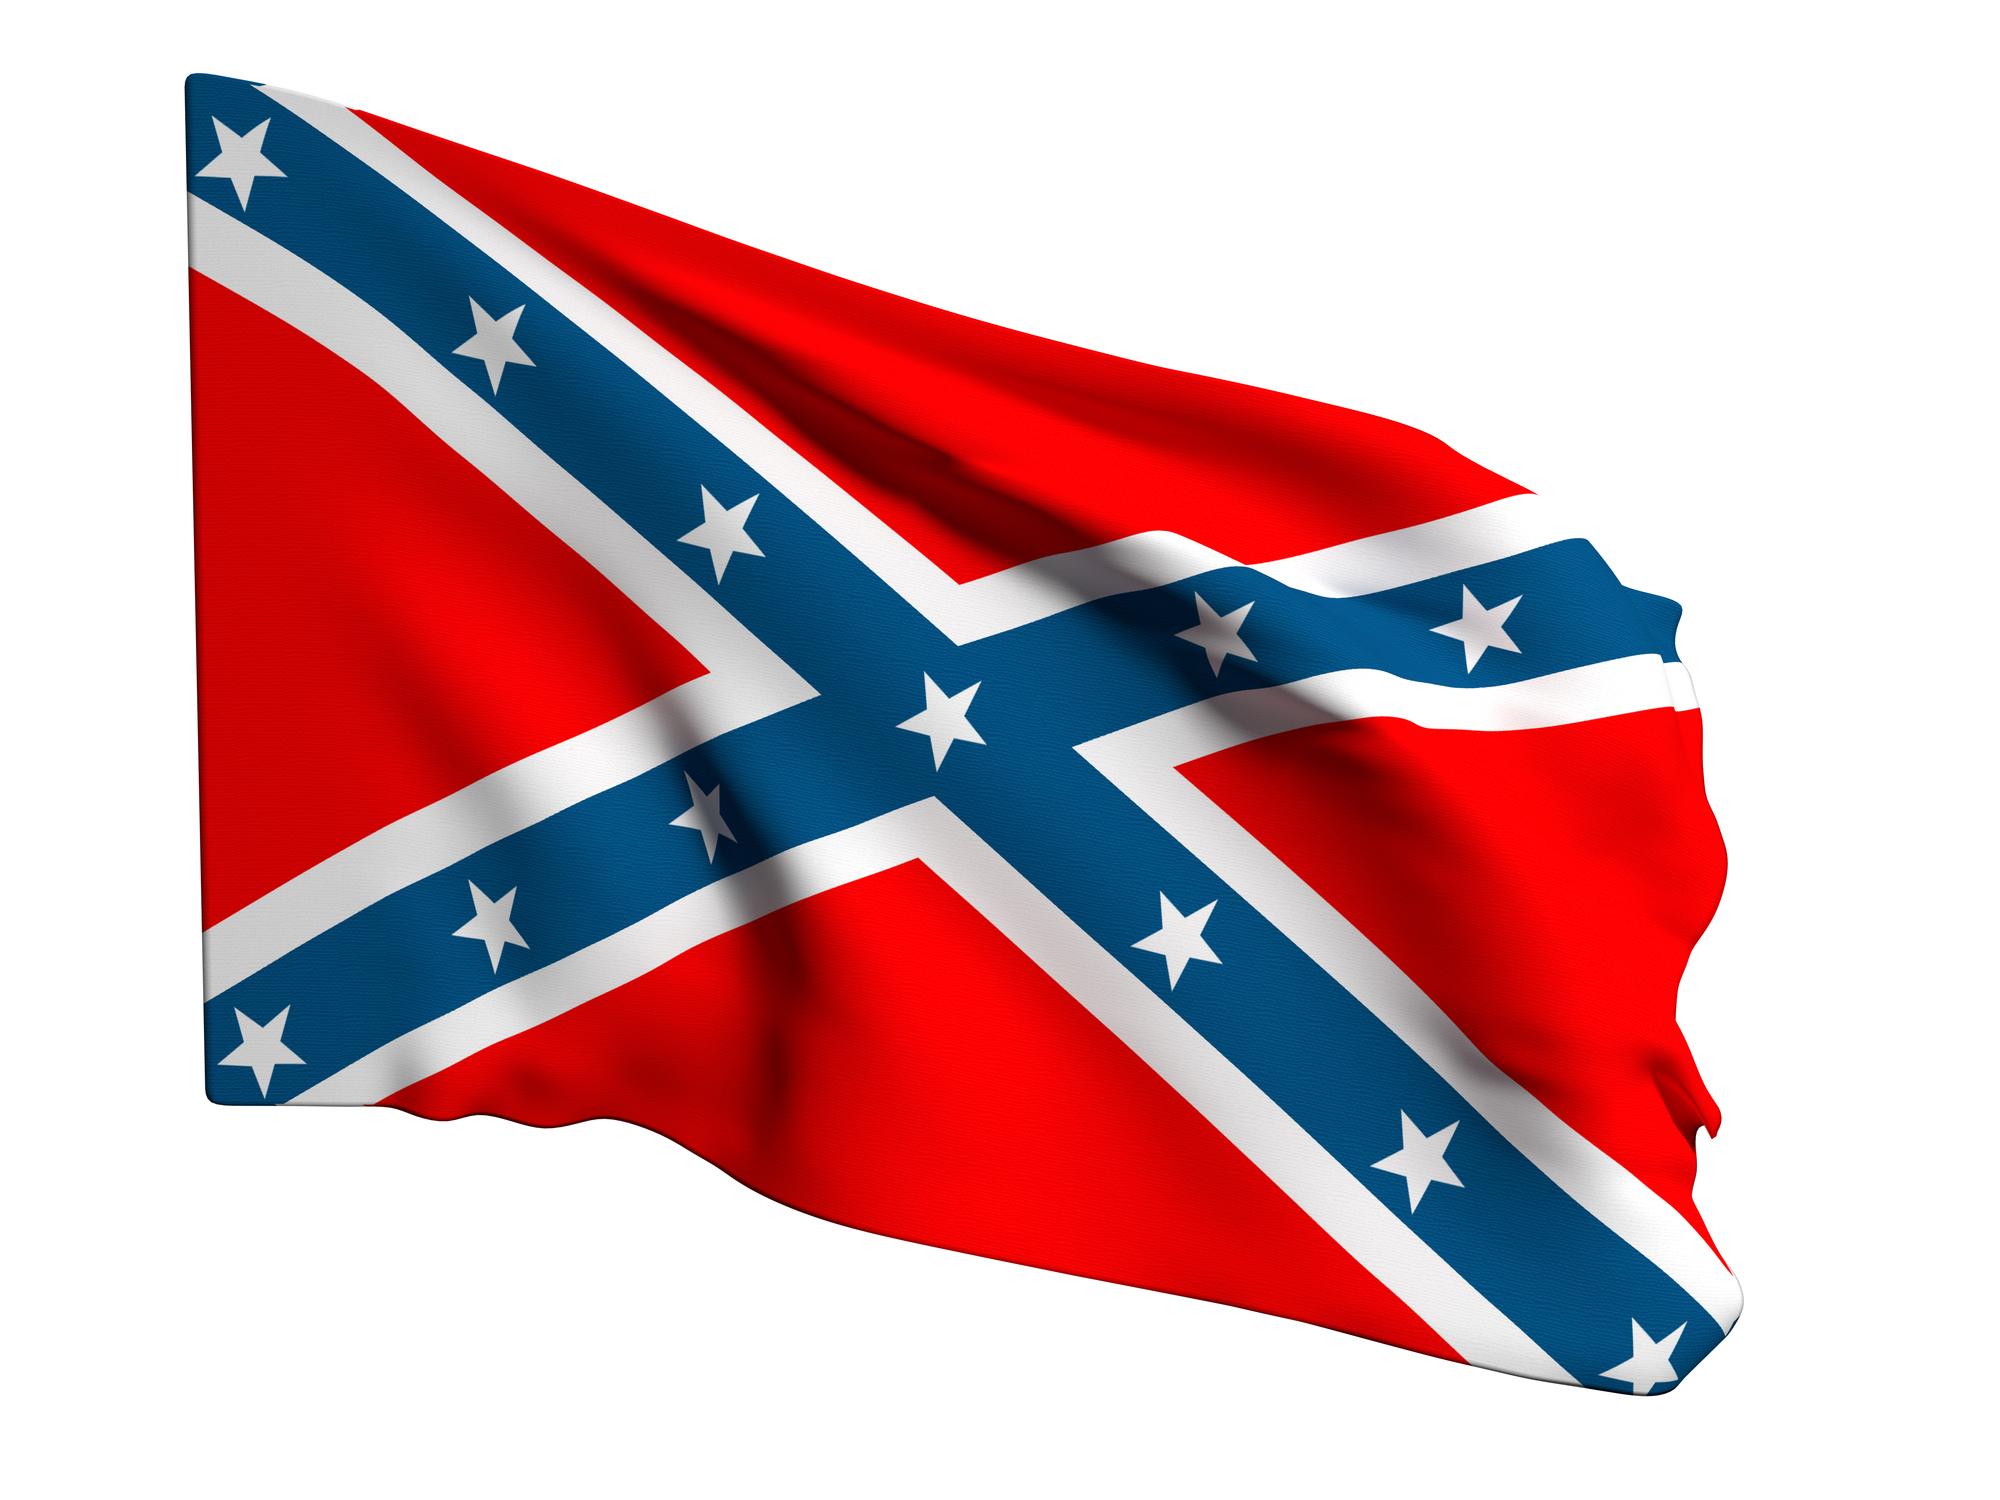 14668 Confederate Flag Wallpaper 20001500 2000x1500